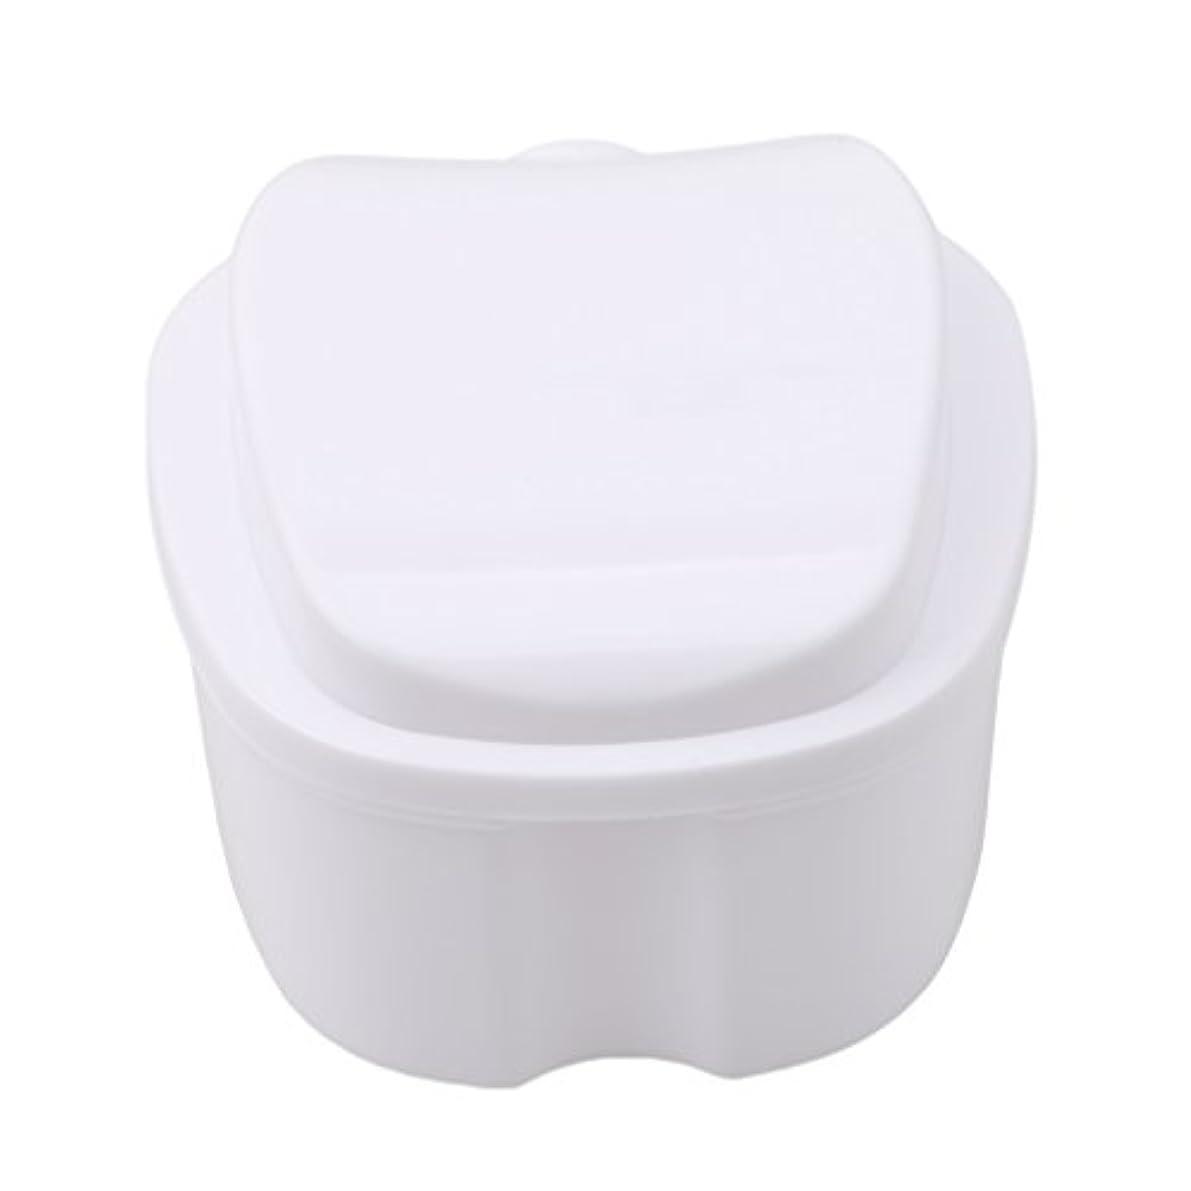 バルーン説明明るくするHonel 収納ボックス 義歯収納用 リテーナーケース りんご柄 ホワイト